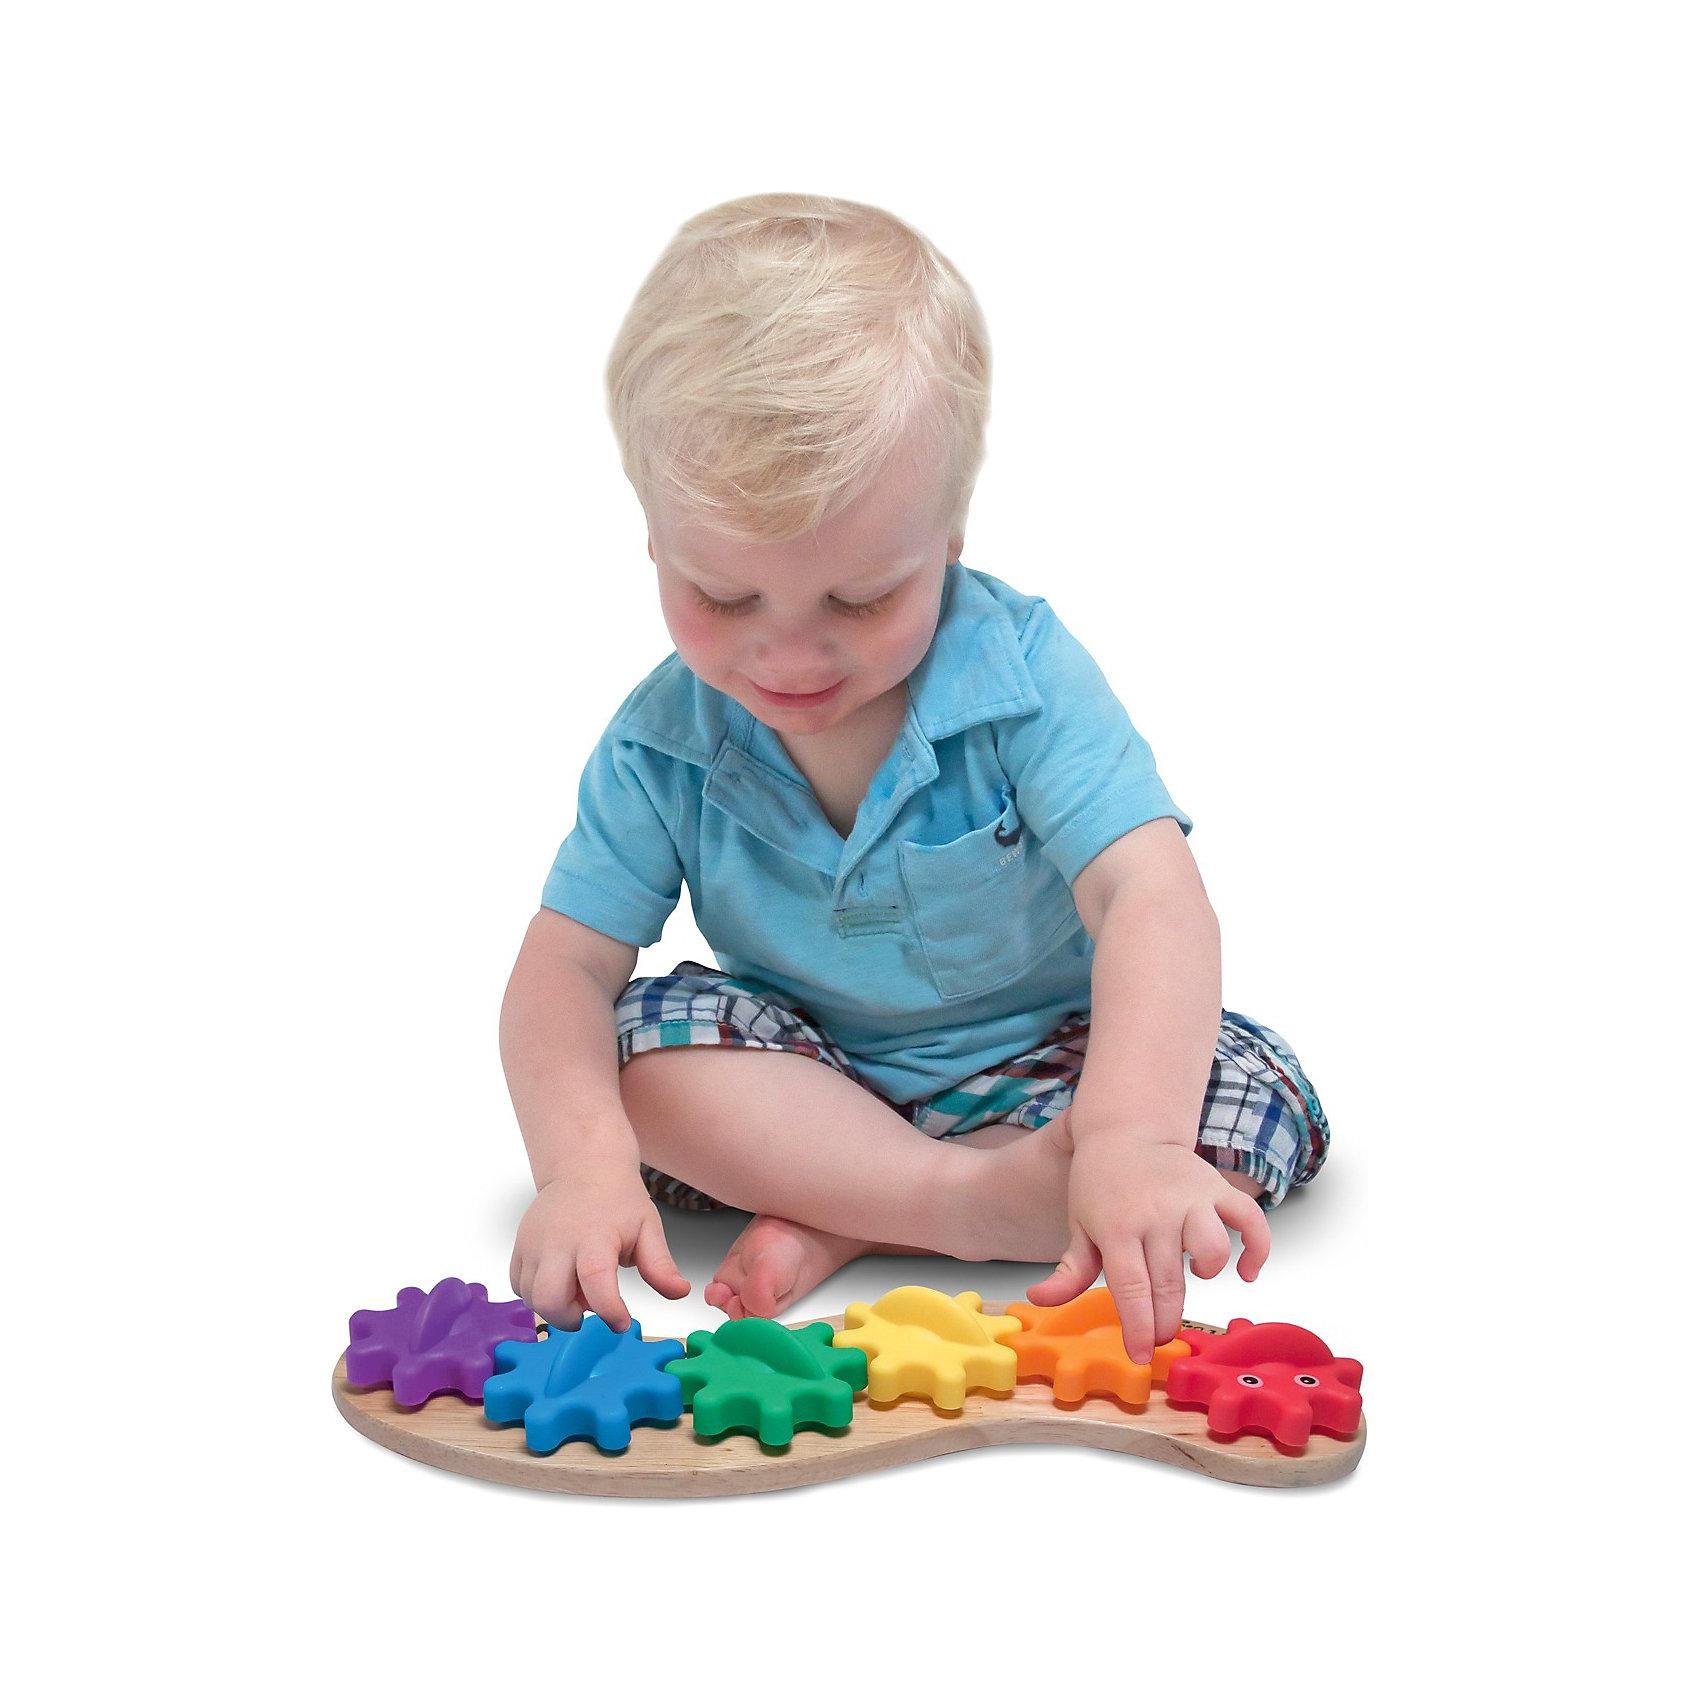 Игрушка Гусеница с шестеренками, Melissa &amp; DougРазвивающие игрушки<br>Игрушка-манипулятор Гусеница с шестеренками от Melissa &amp; Doug обязательно порадует маленьких деток. Веселая гусеничка состоит из шести ярких шестеренок, одетых на колышки того же цвета. Разберите гусеничку, дайте ребенку цветные шестеренки и деревянное основание, пусть он подберет их по цветам  и соберет забавную гусеничку. А затем можно вместе наблюдать, как шестеренки начнут вращаться одна за другой, вызывая восторг у малыша. Игрушка сделана из дерева, а каждая шестеренка гусеницы, окрашена яркой, нетоксичной краской, поэтому играть с гусеничкой могут даже самые маленькие детки.  Игрушка позволят уже с раннего возраста развивать у ребенка творческие навыки, а конструкция игрушки способствует раннему развитию моторики. Играйте и наслаждайтесь вместе с  Melissa &amp; Doug!<br><br>Дополнительная информация:<br><br>- Потрясающие подарок для малышей;<br>- Отличный тренажер мелкой моторики;<br>- Красочный дизайн;<br>- Материал: натуральное дерево, безопасная краска;<br>- Размер упаковки: 36 х 5 х 15 см;<br>- Вес: 453 г<br><br>Игрушку Гусеница с шестеренками, Melissa &amp; Doug можно купить в нашем интернет-магазине.<br><br>Ширина мм: 360<br>Глубина мм: 50<br>Высота мм: 150<br>Вес г: 453<br>Возраст от месяцев: 24<br>Возраст до месяцев: 36<br>Пол: Унисекс<br>Возраст: Детский<br>SKU: 3861955